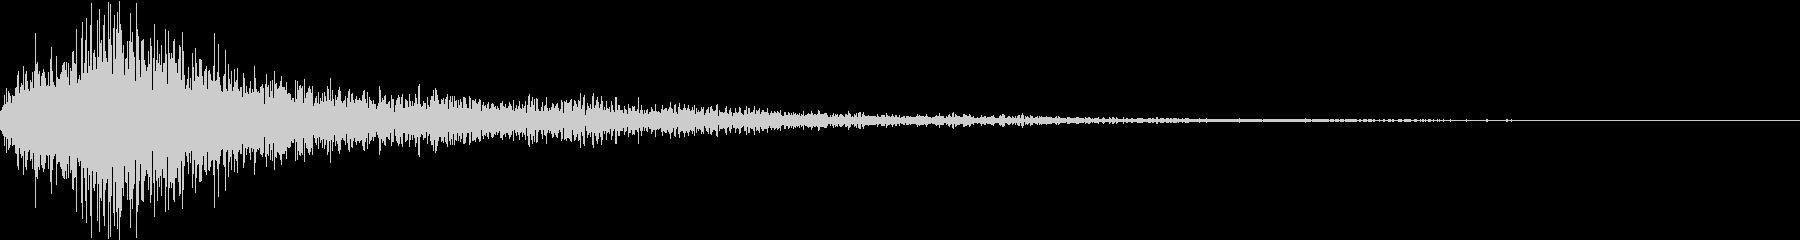 ジャン(オーケストラヒット低めクラシックの未再生の波形